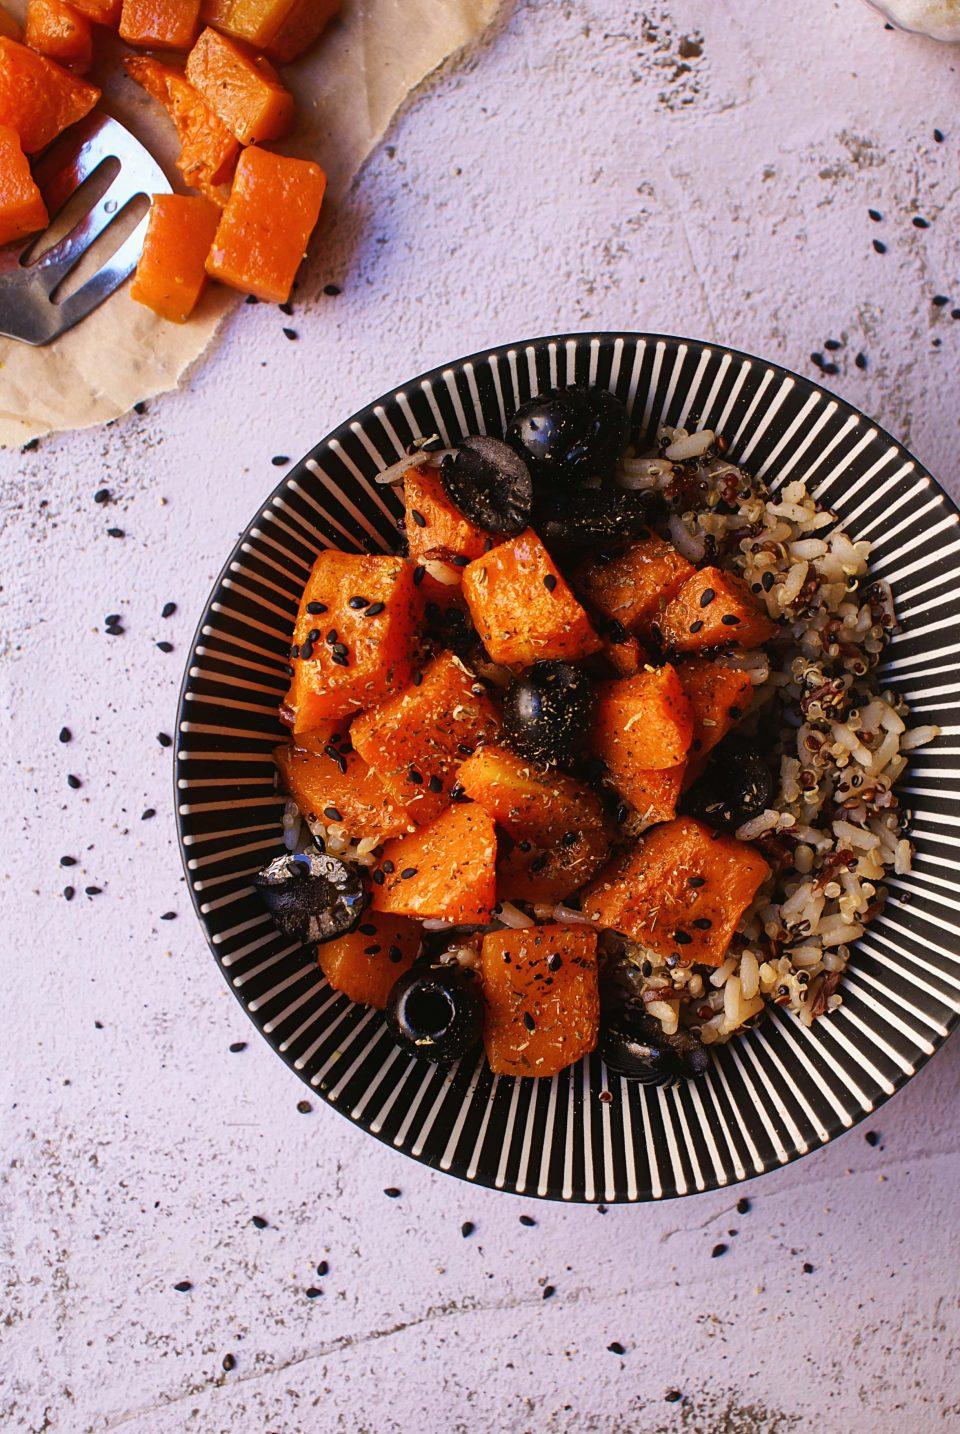 Cereali antichi con zucca aromatica e olive decorato con semi di sesamo nero